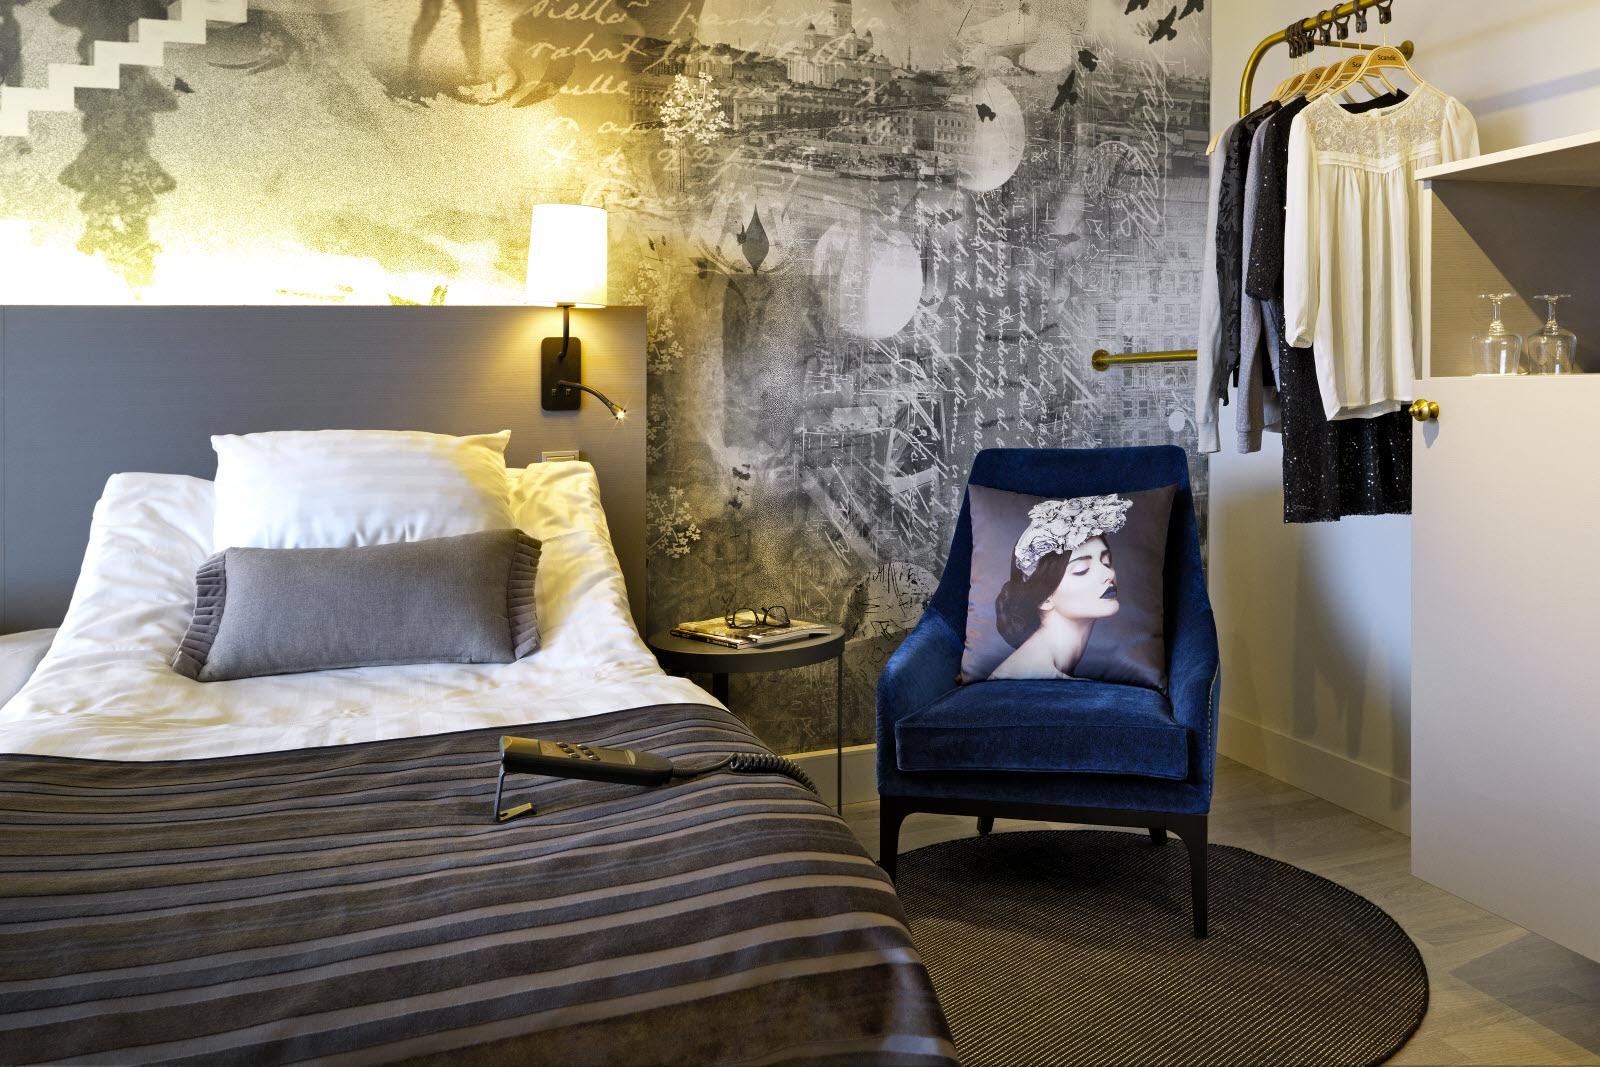 Helsinki Hotel Reviews